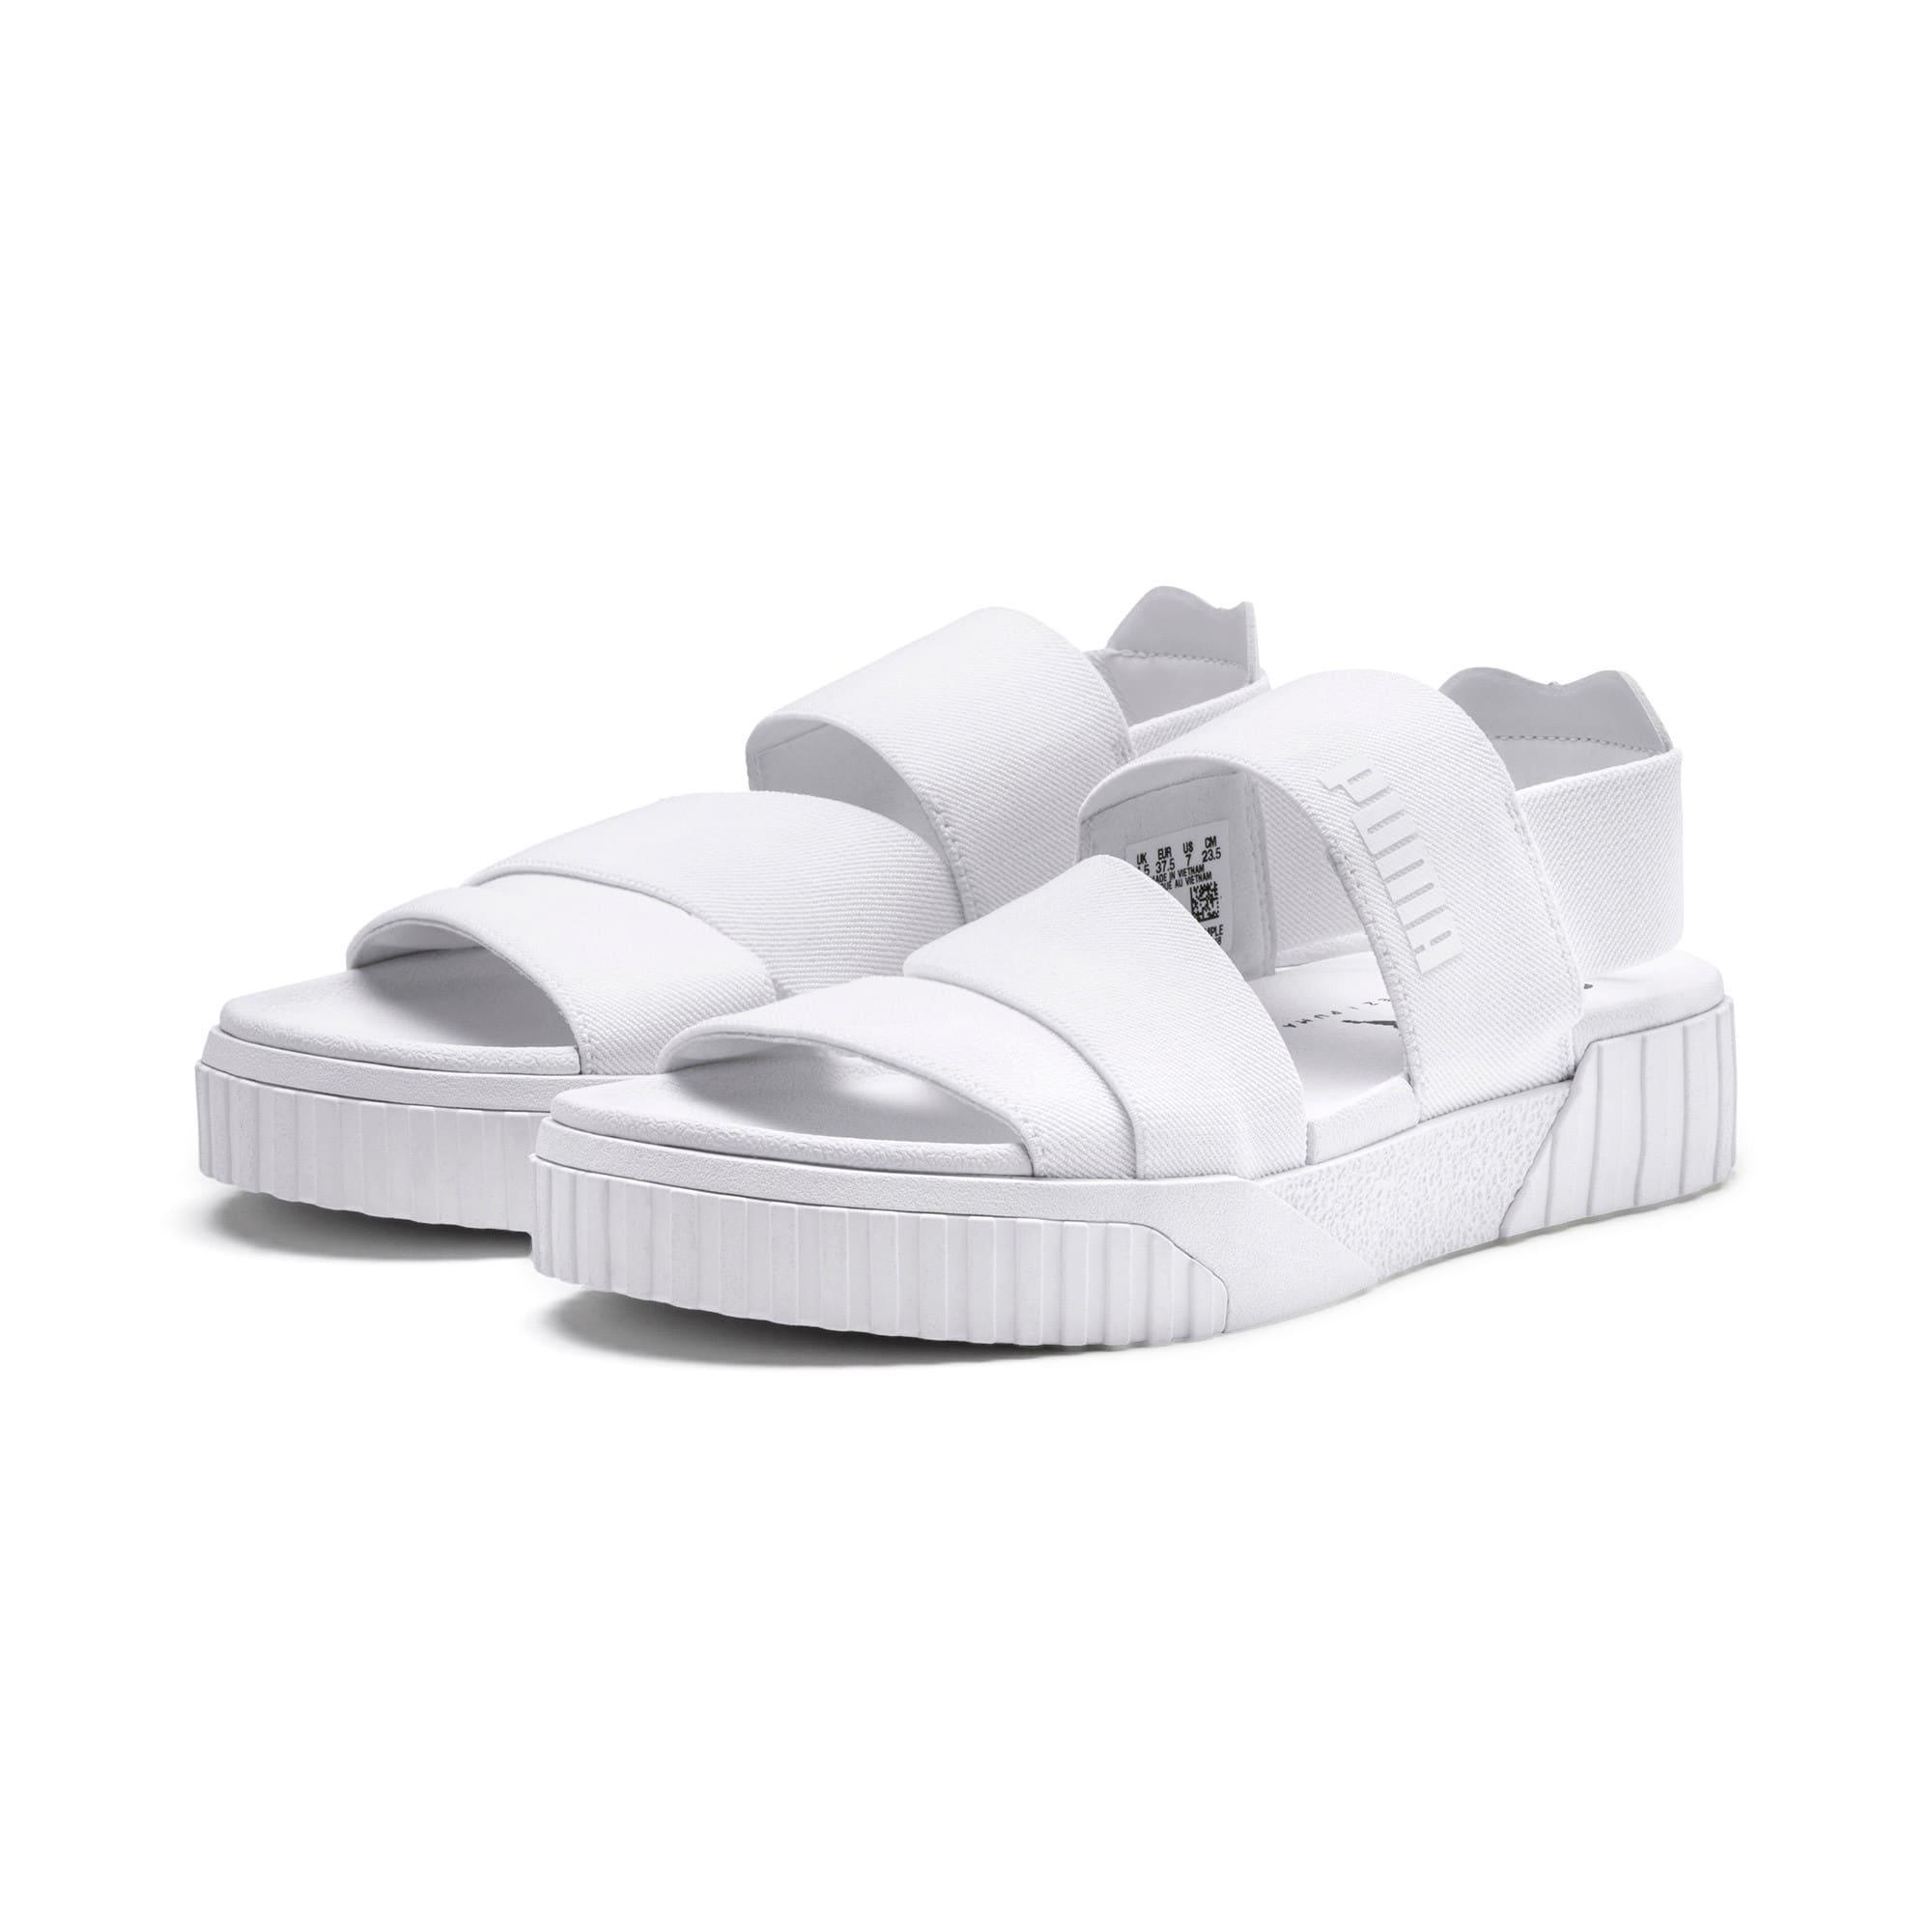 Miniatura 3 de Sandalias SG x Cali, Puma White, mediano